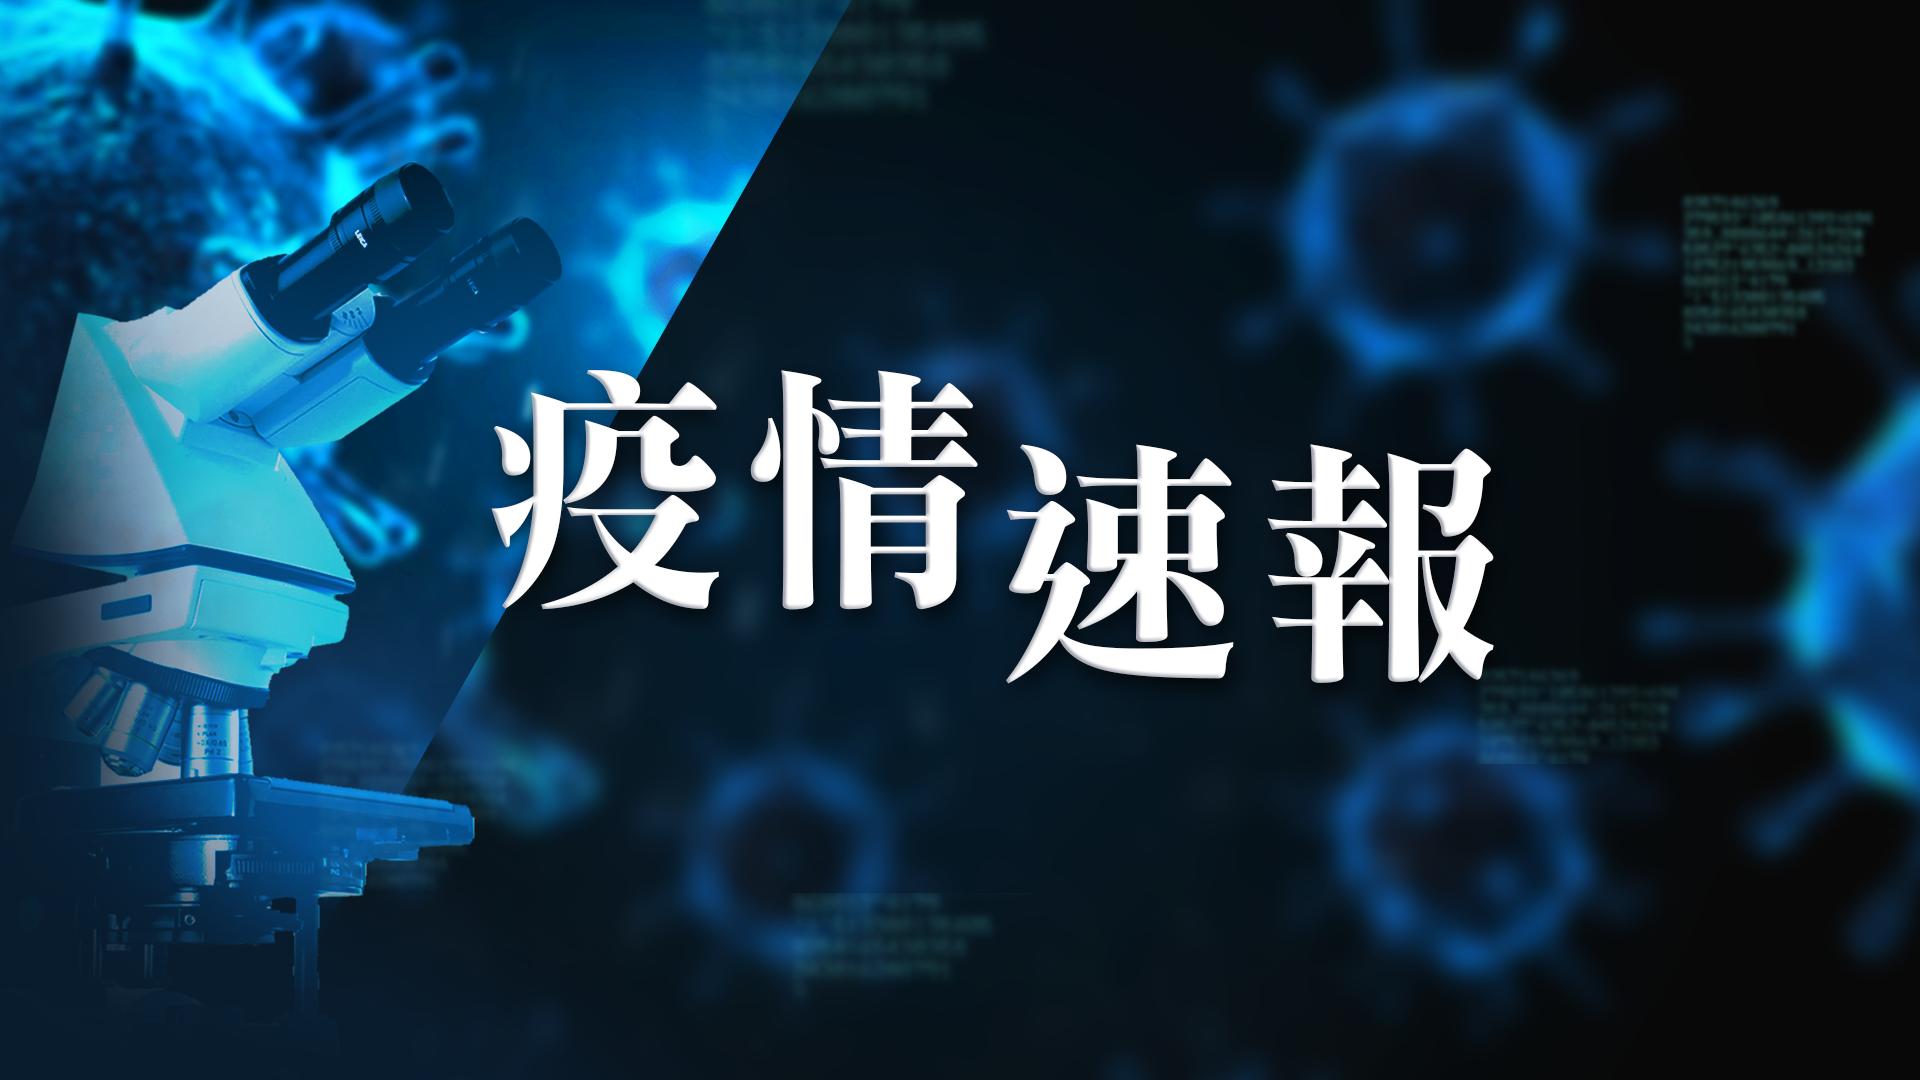 【1月22日疫情速報】(23:30)